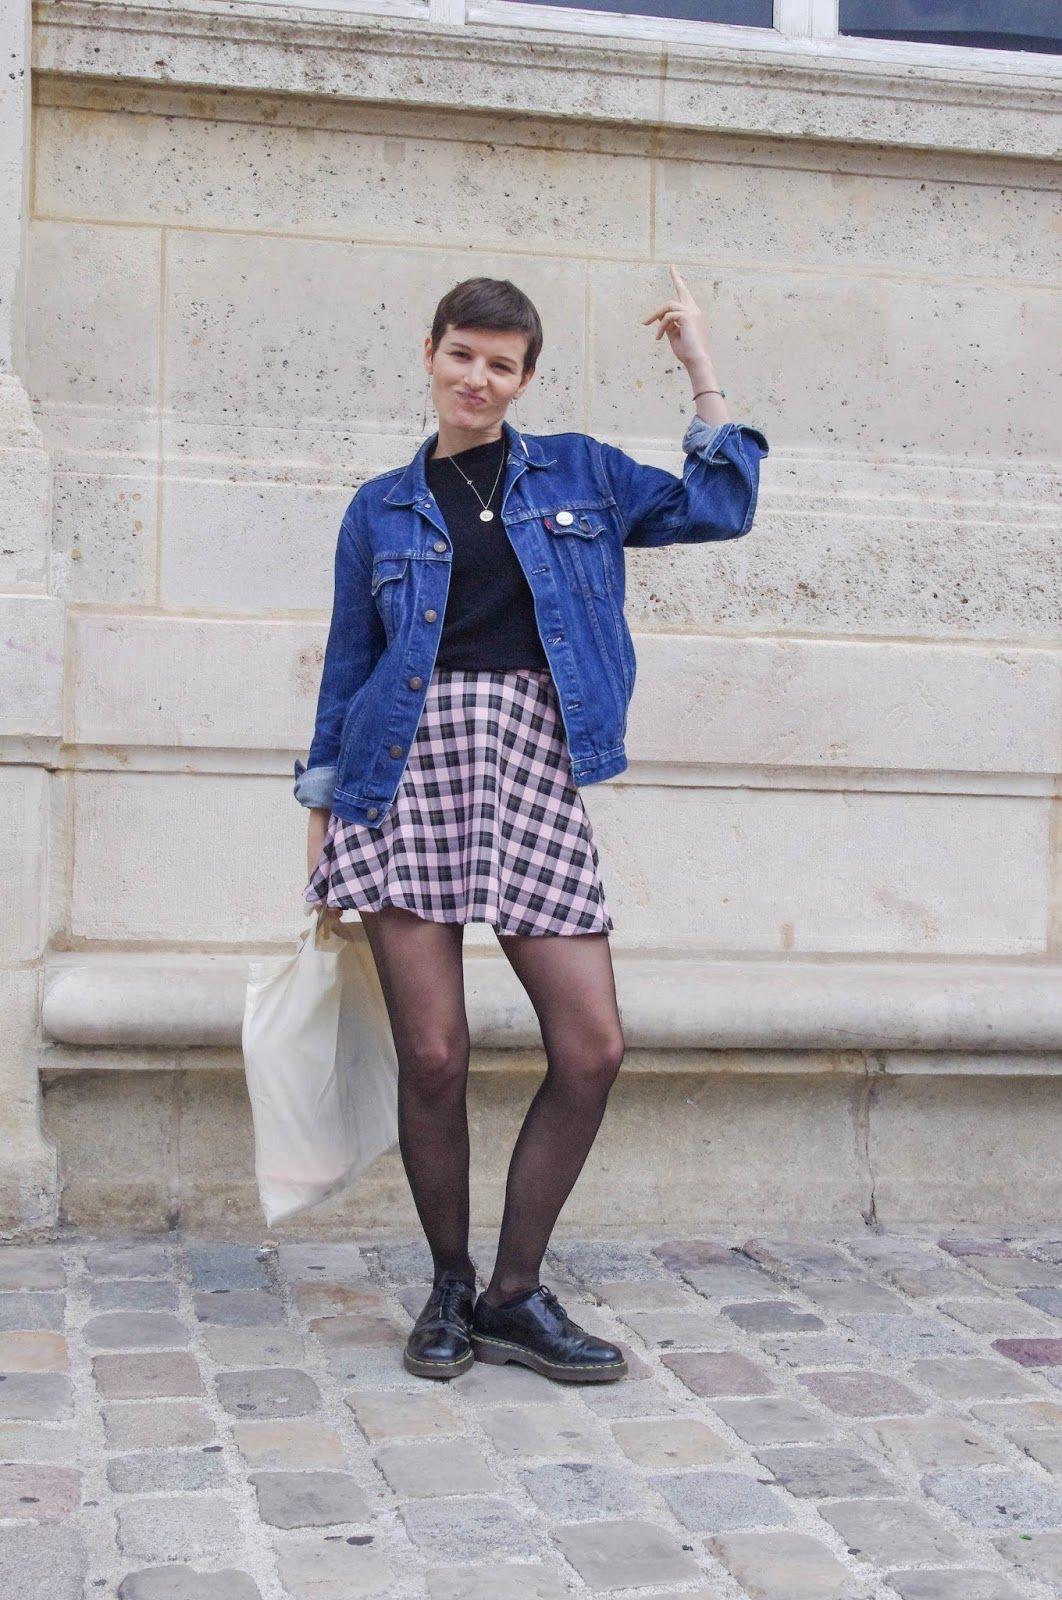 ddb4d1ed25f2b Lady Moriarty look vintage grunge 90 s avec un blouson en jeans et des Doc  Martens basses